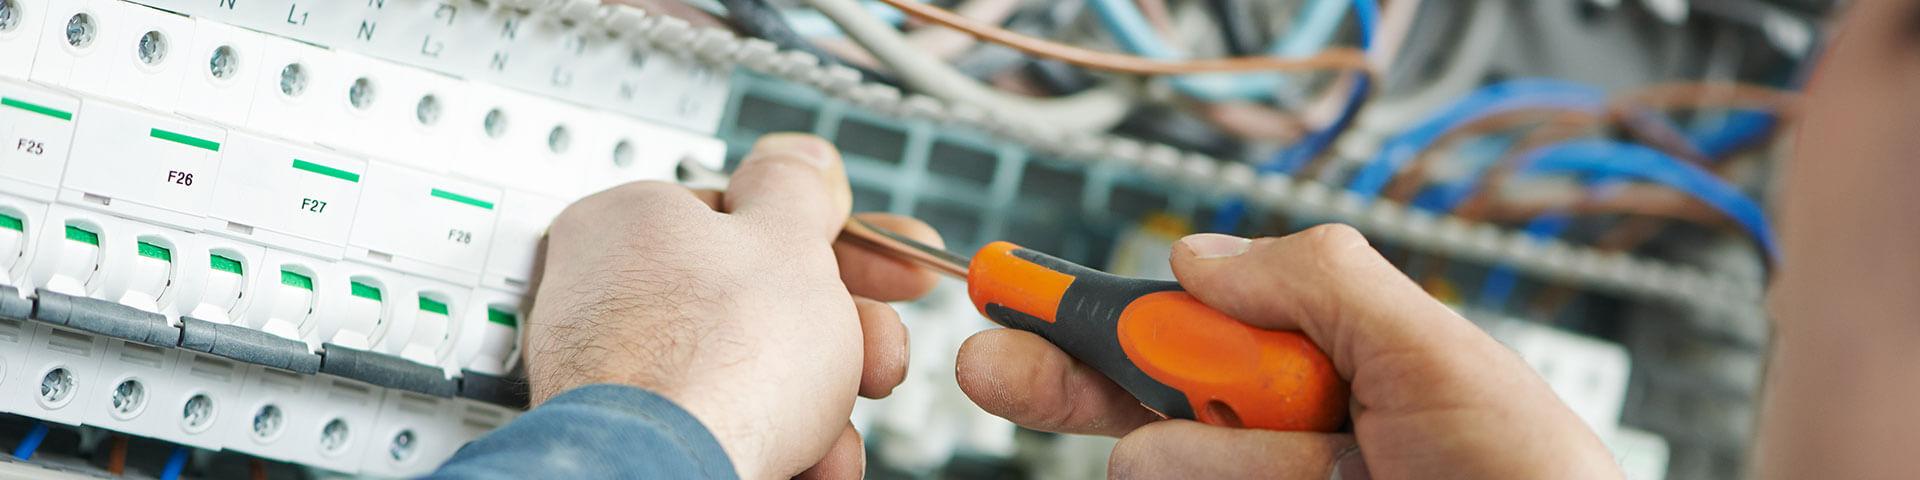 Elektriker mit Schraubenzieher beim Verengen der elektrischen Stelleinrichtung im Sicherungskasten